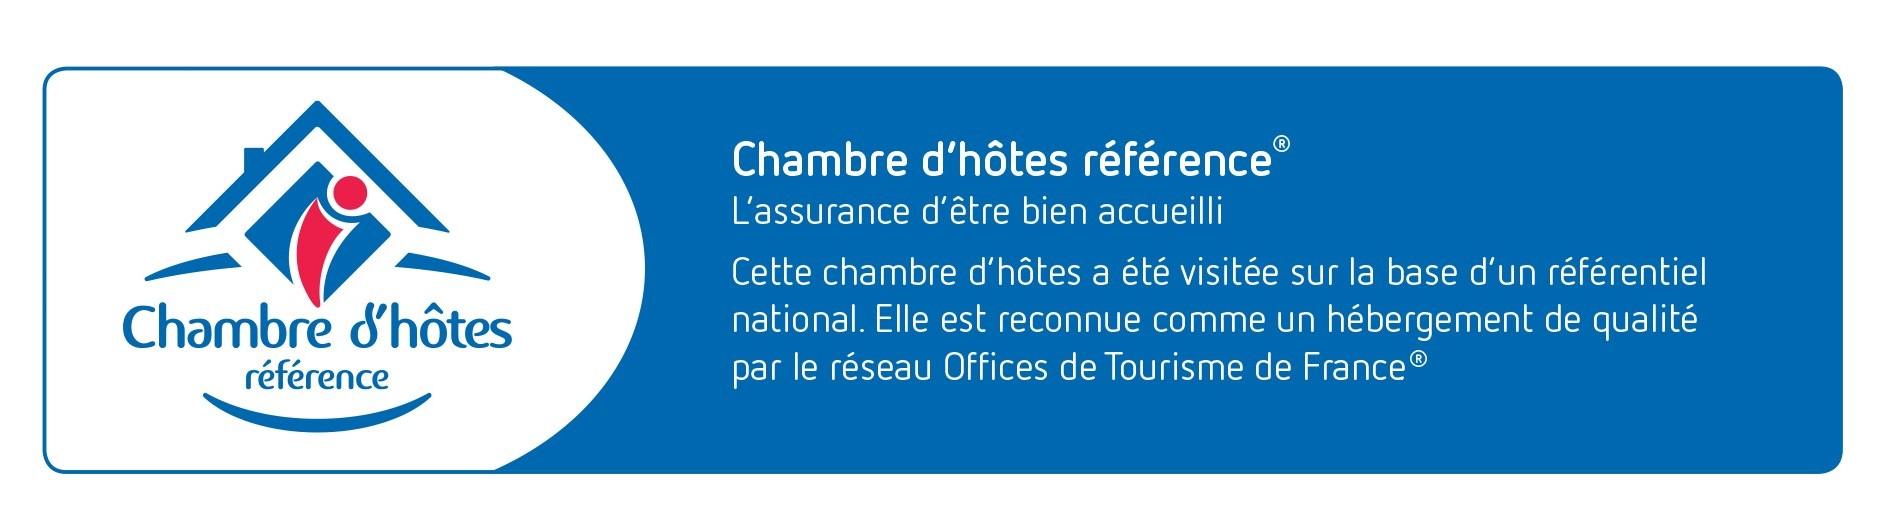 Logo Chambre d'hôtes référence_texte long